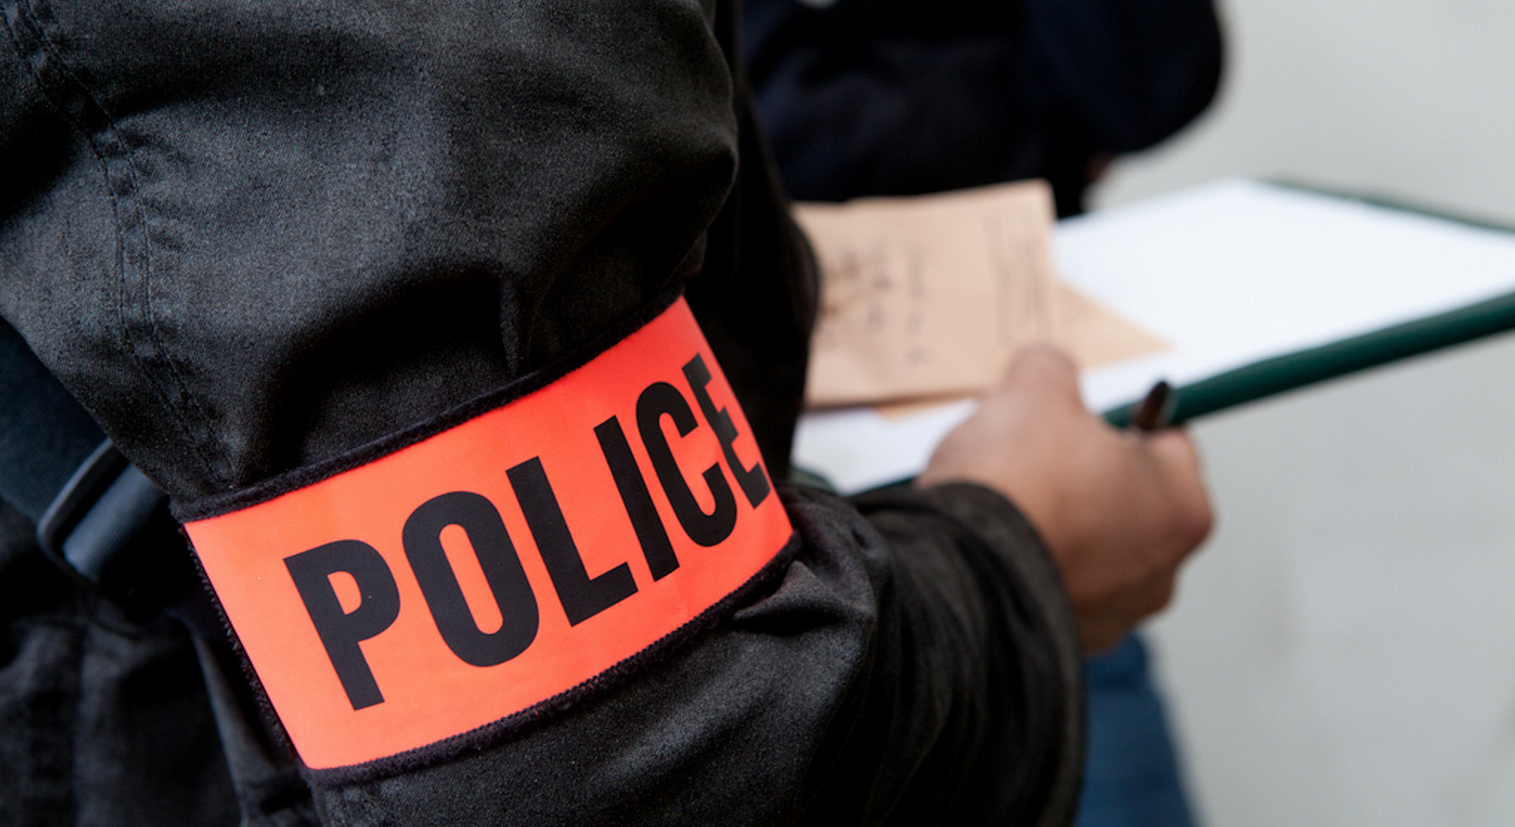 Une enquête de police a été ouverte pour tentative d'homicide (Illustration)